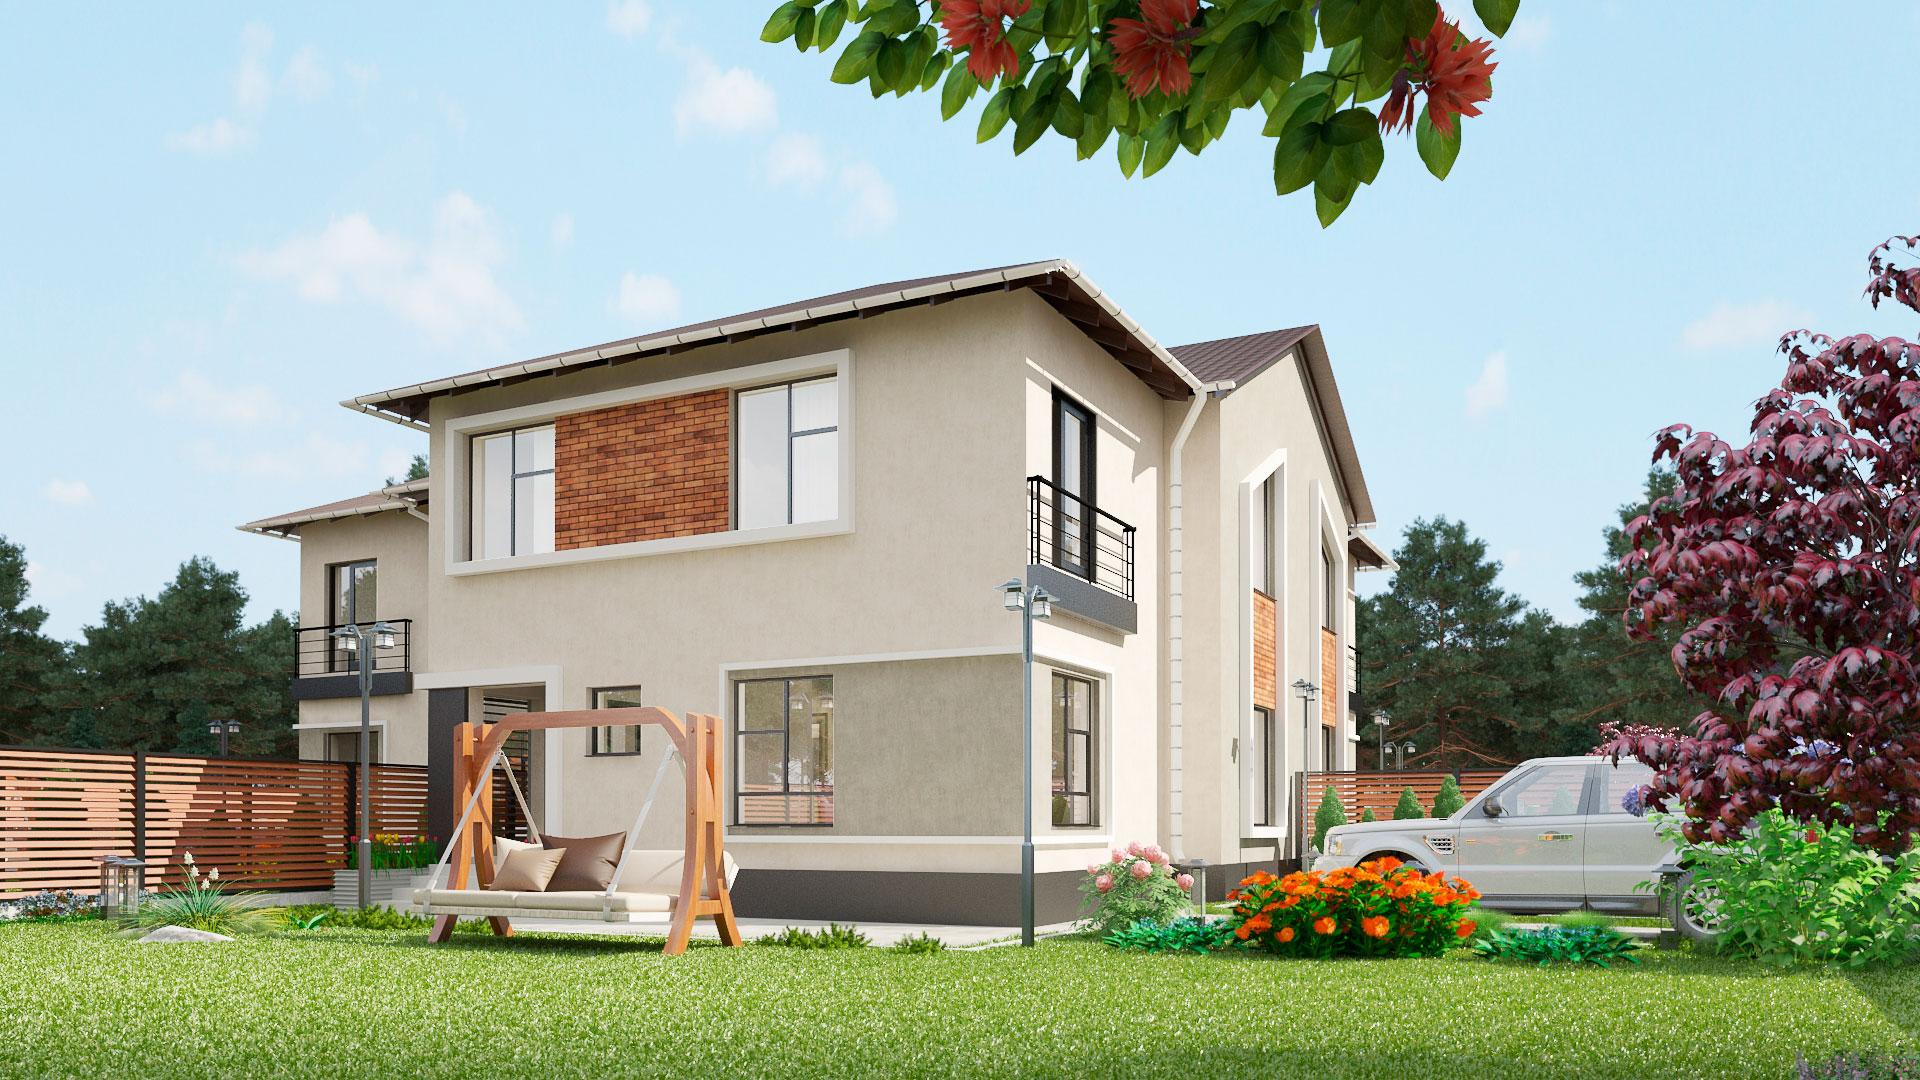 Двухэтажный дом на три семьи 362,10 м2. Проект МС-472.